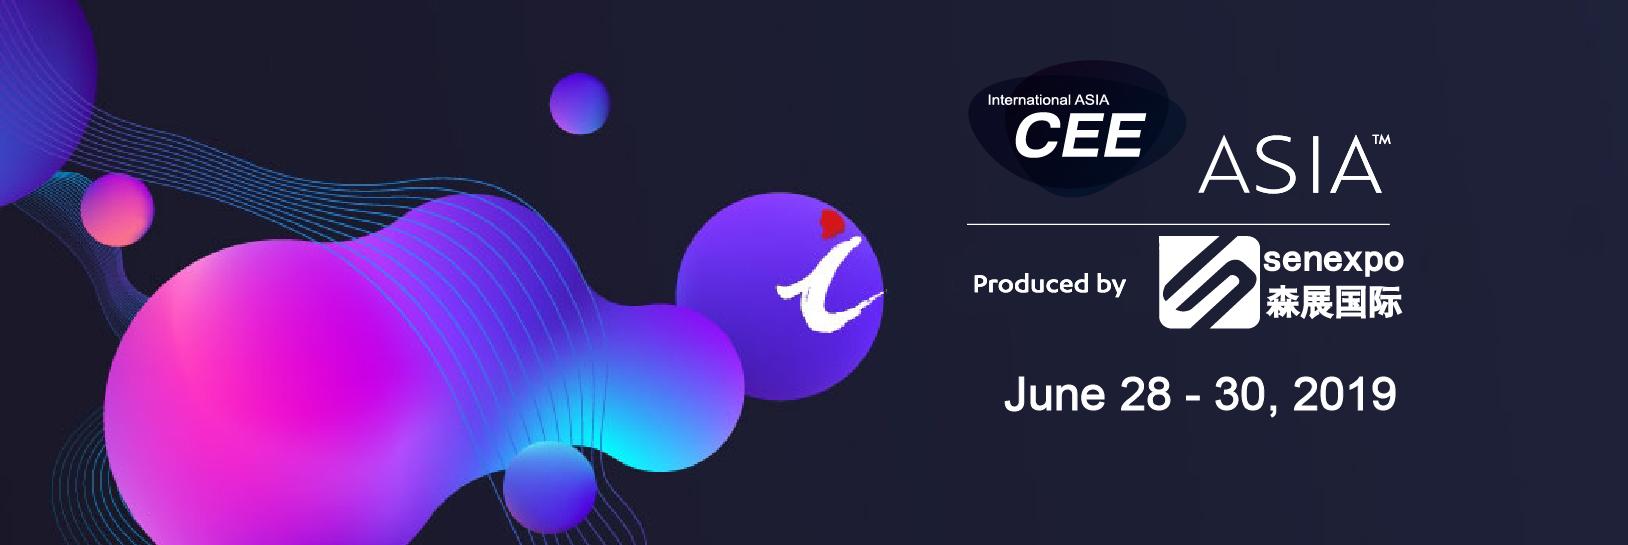 真正的国际消费电子第一展(CEE2019)已售罄将于6月在北京绽放